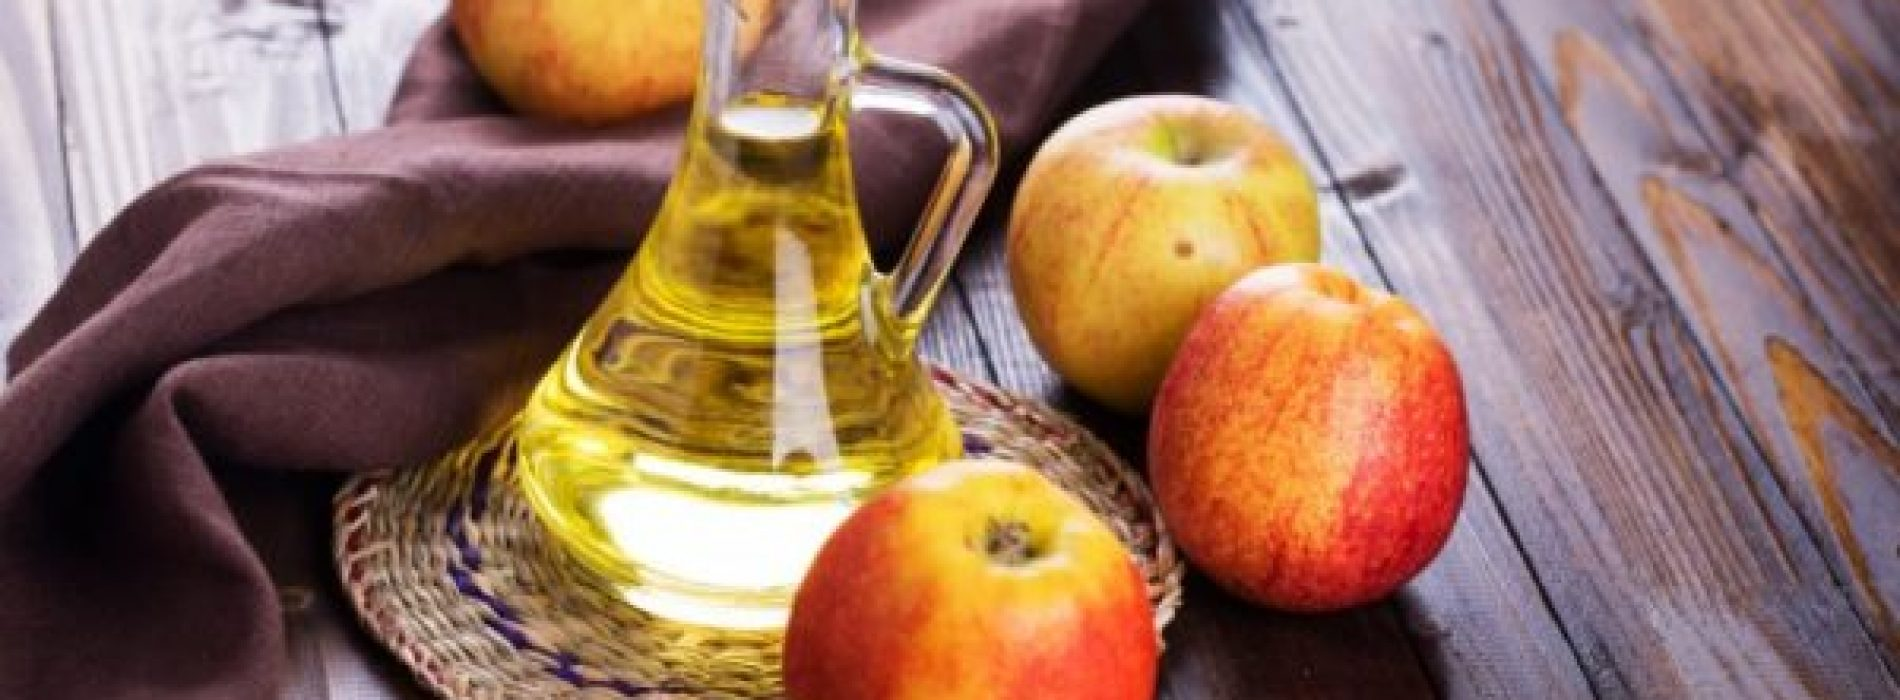 7 redenen waarom je appelazijn elke avond voor het slapen gaan moet drinken